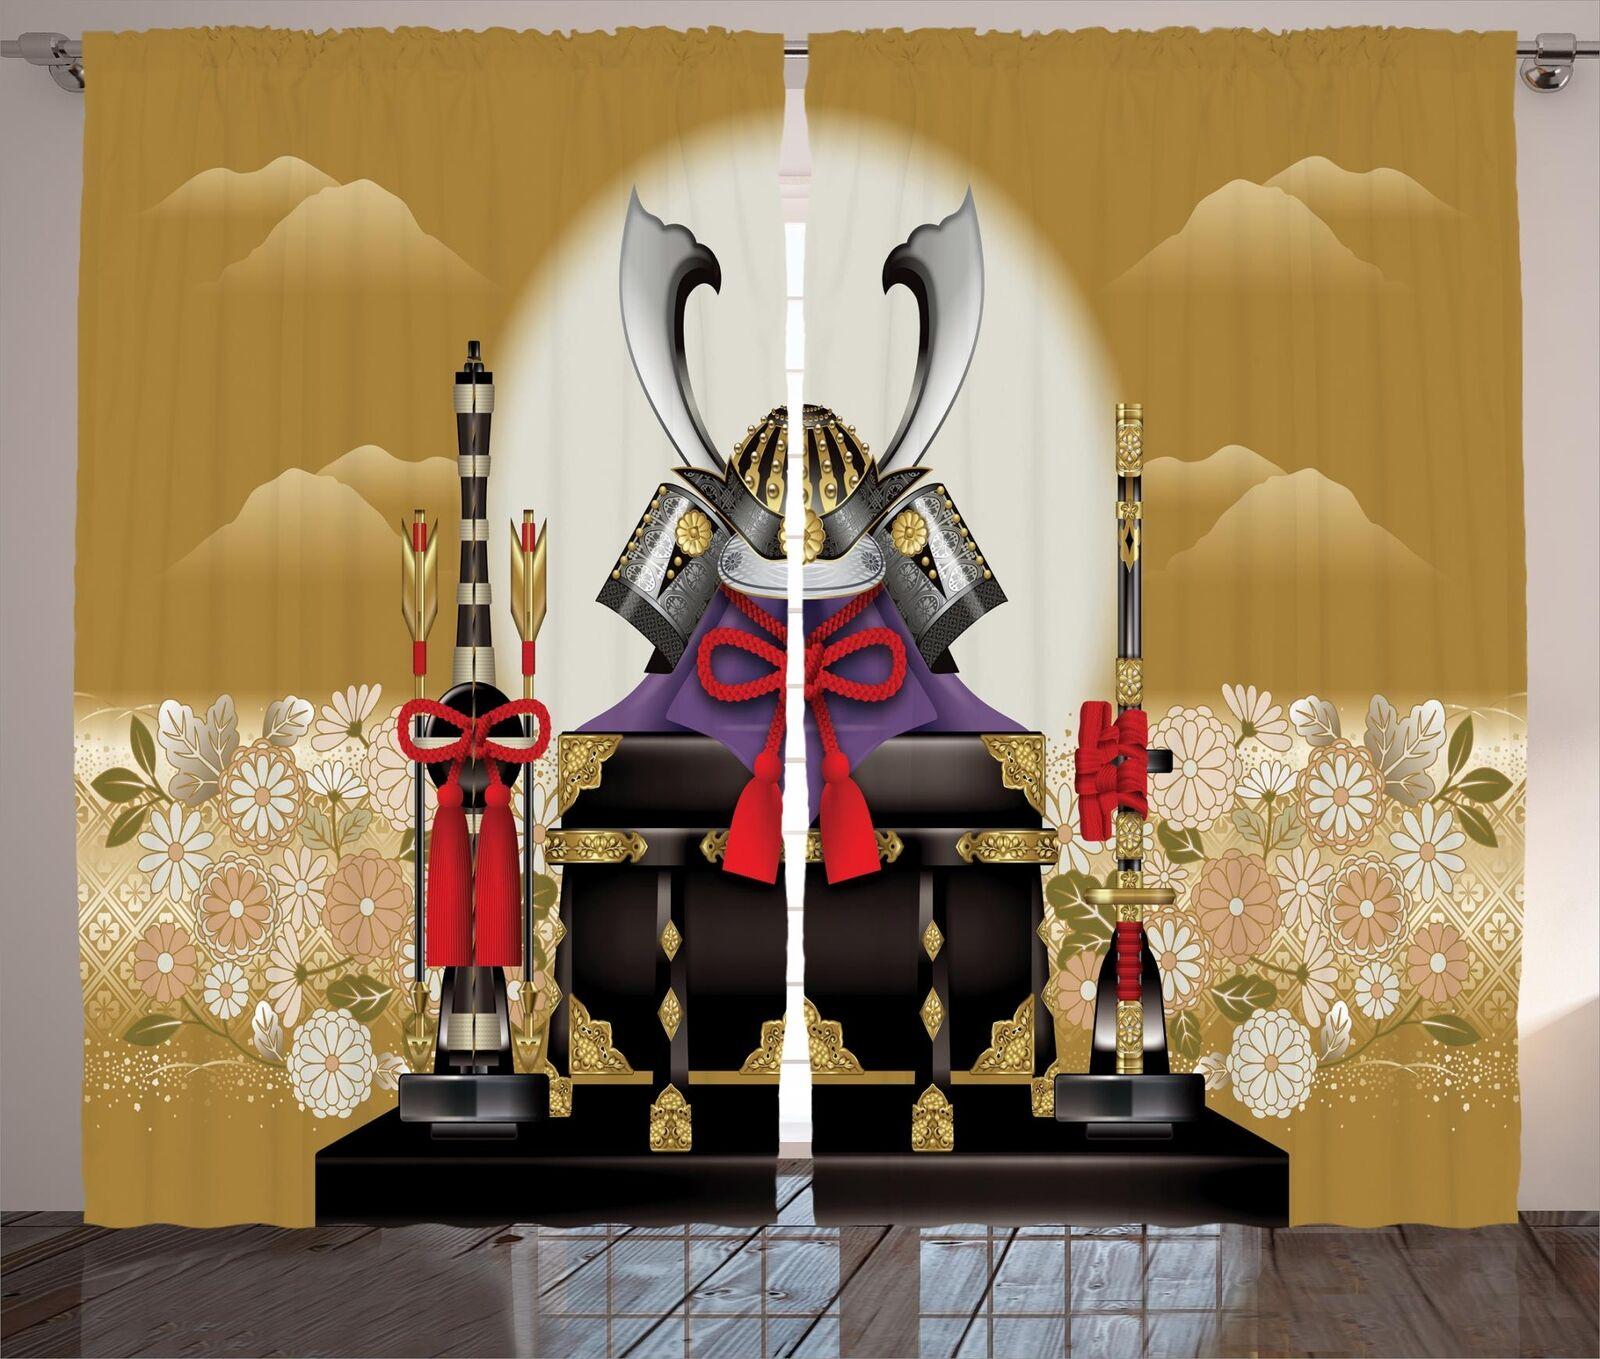 Cortinas de Japón 2 Panel Decoración conjunto 5 tamaños de ventana Cortinas ambesonne